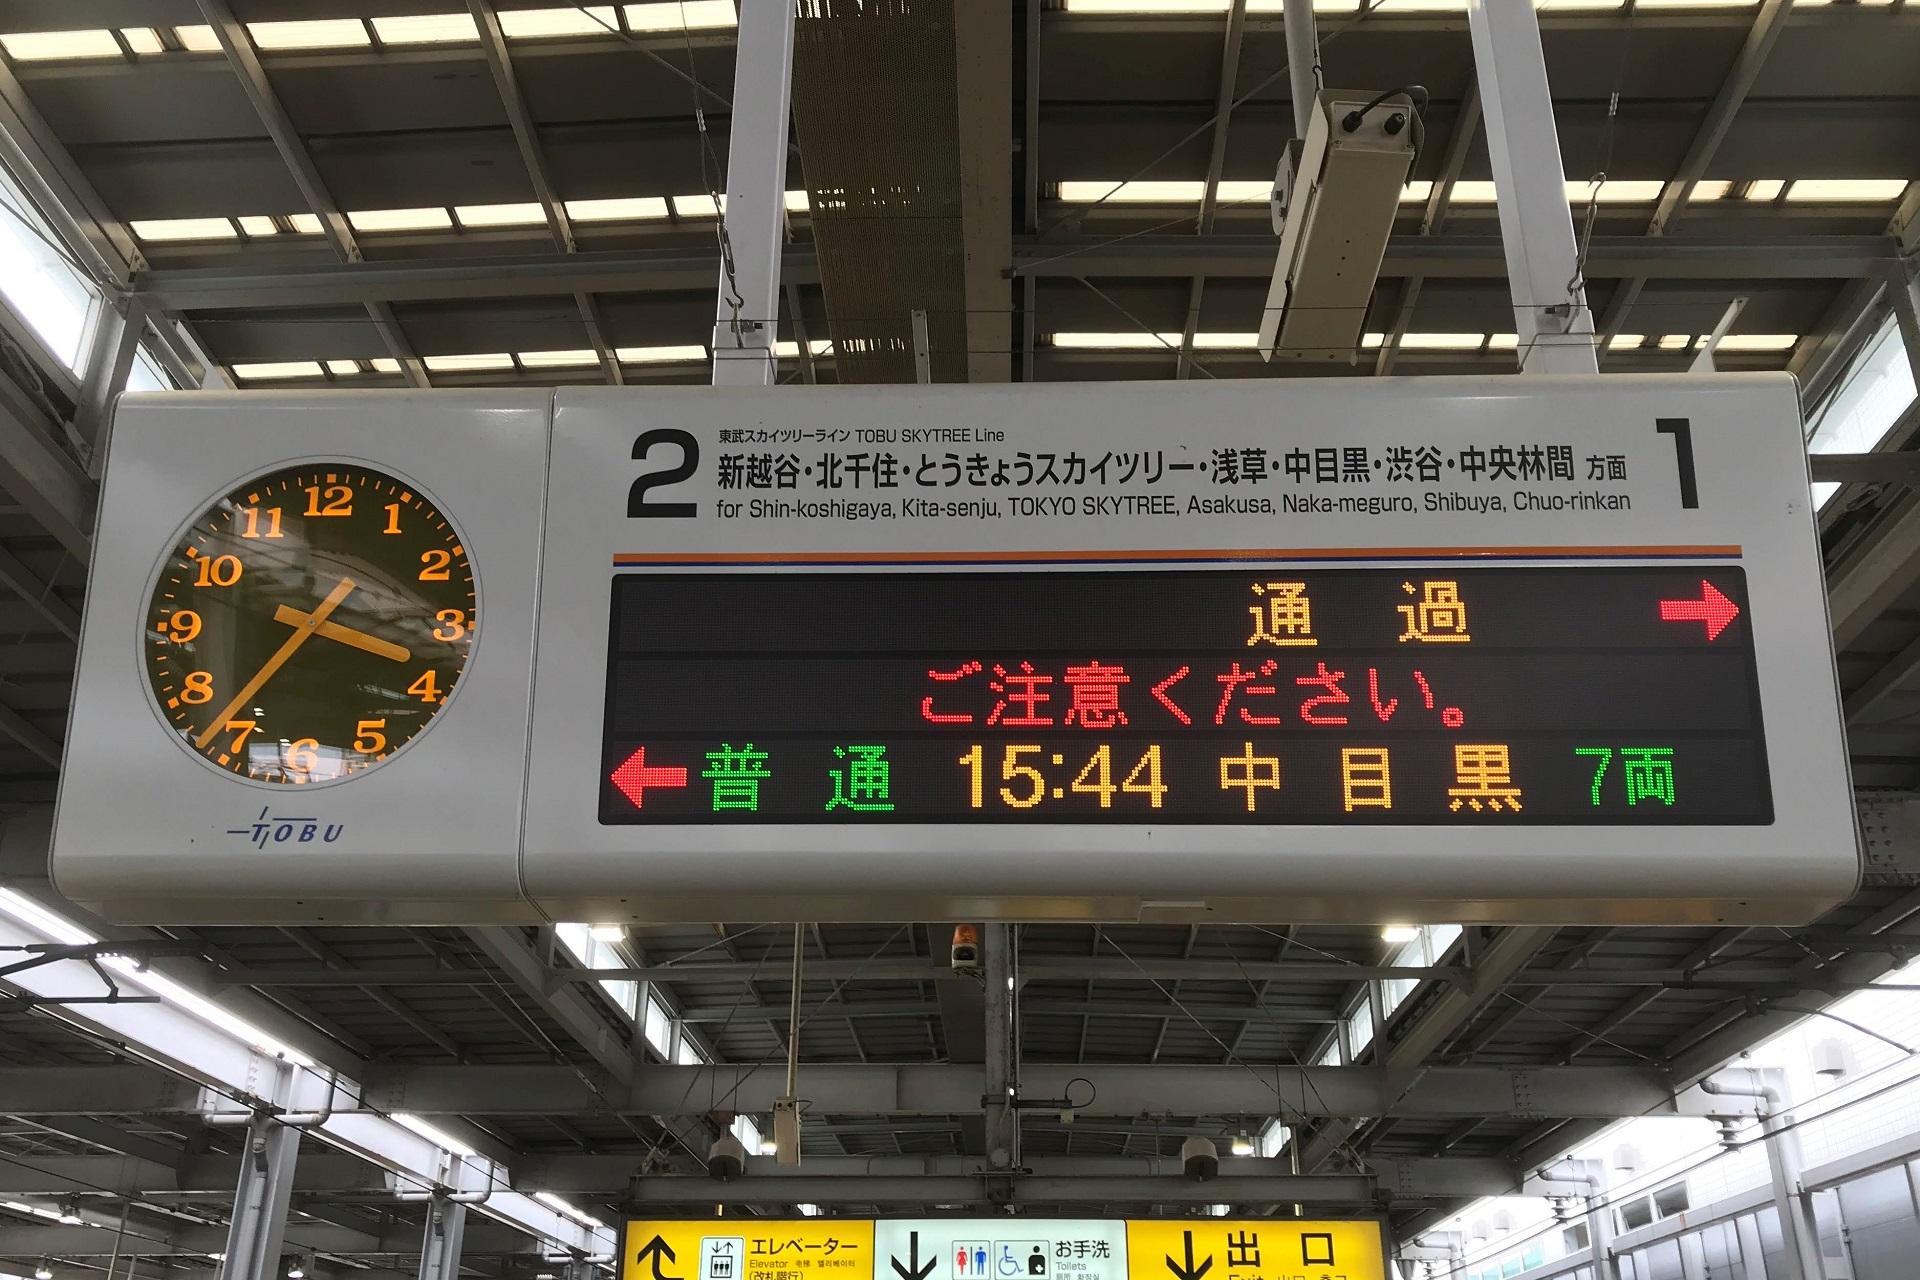 北越谷駅ホーム発車標接近表示(2)